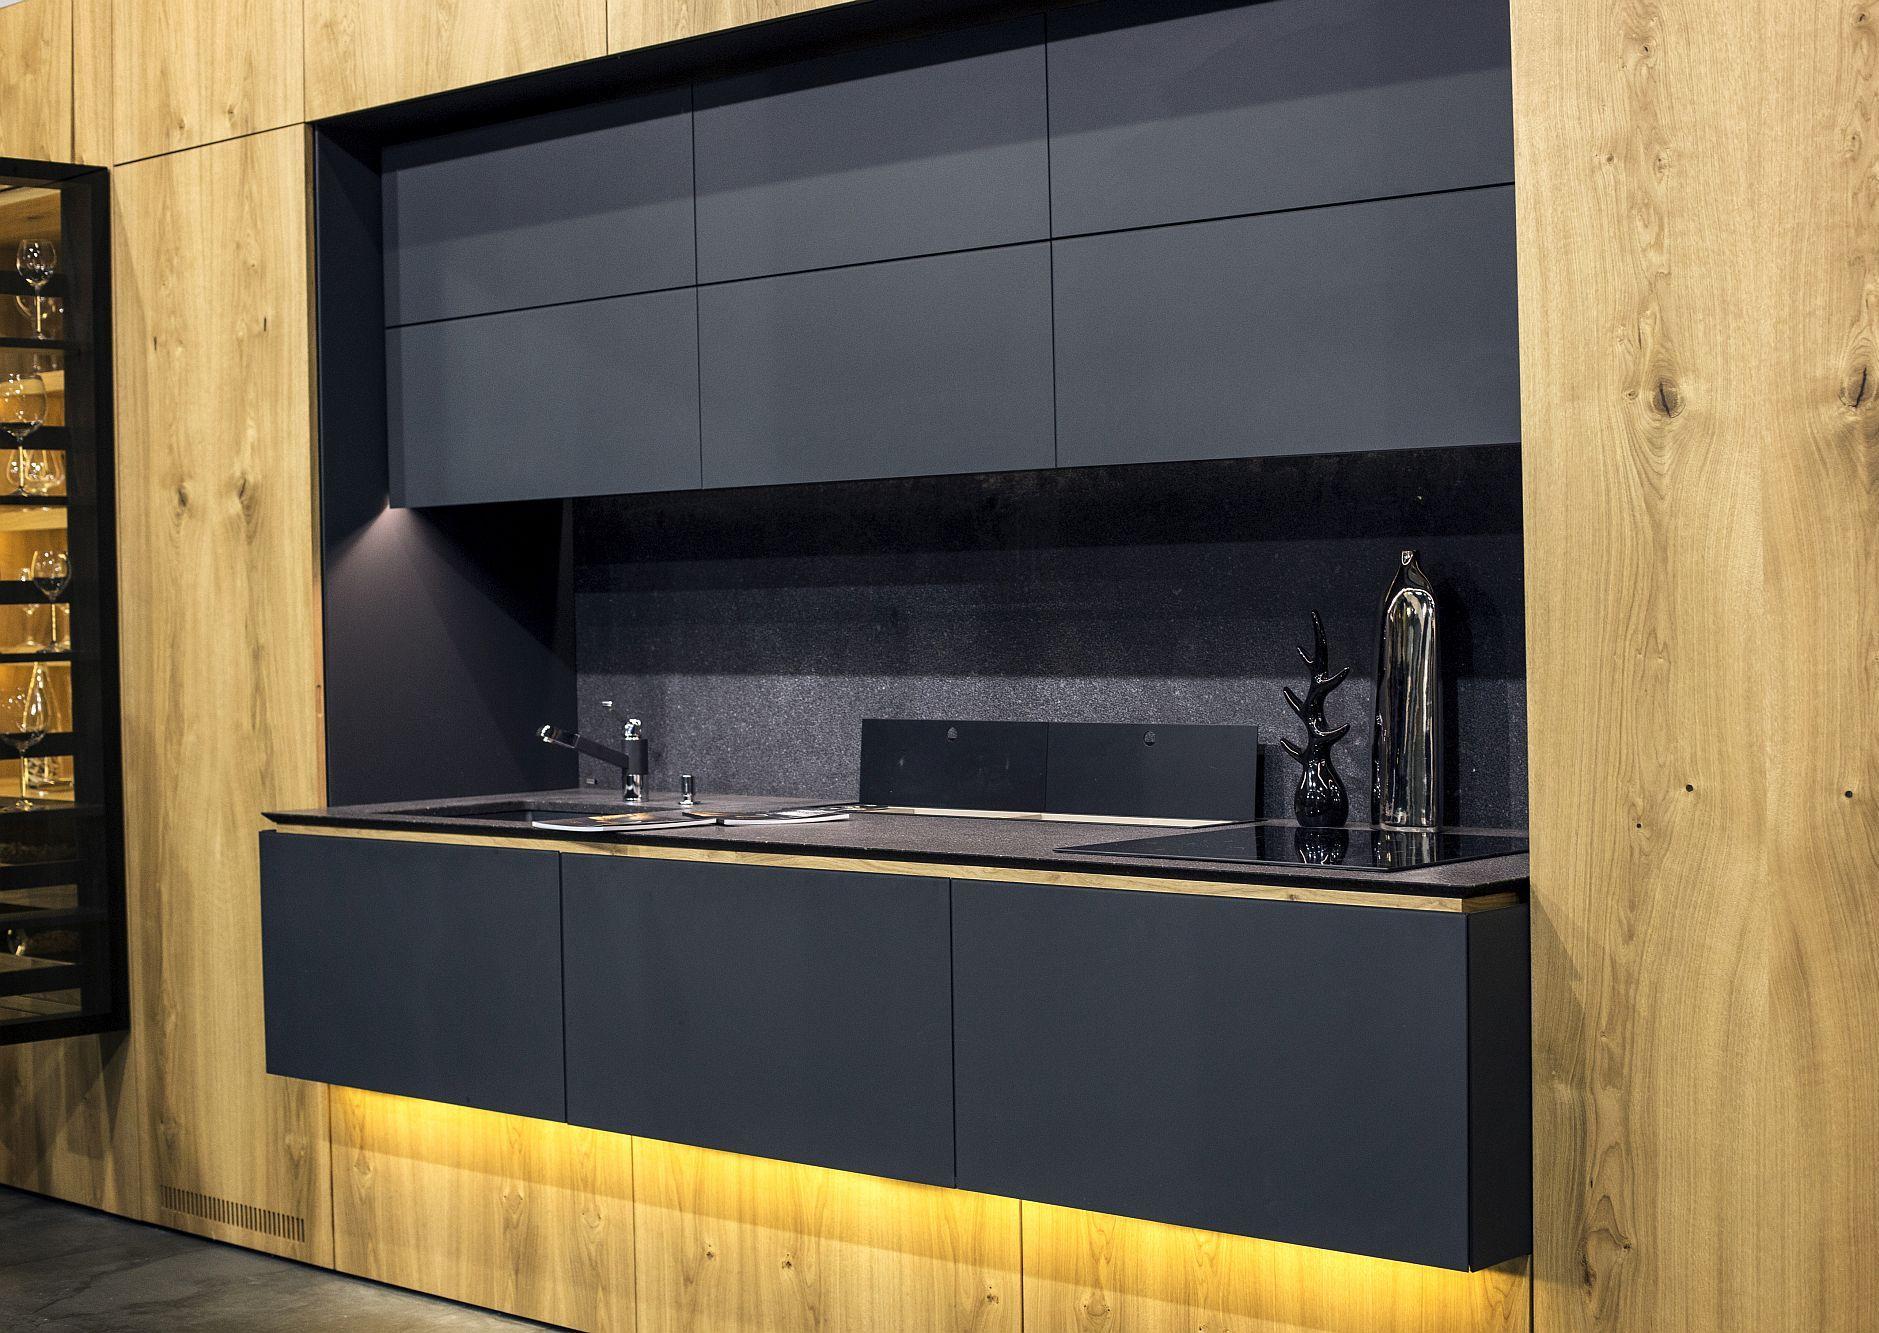 Дизайн интерьера и мебели для маленькой кухни: небольшой гарнитур - фото 2